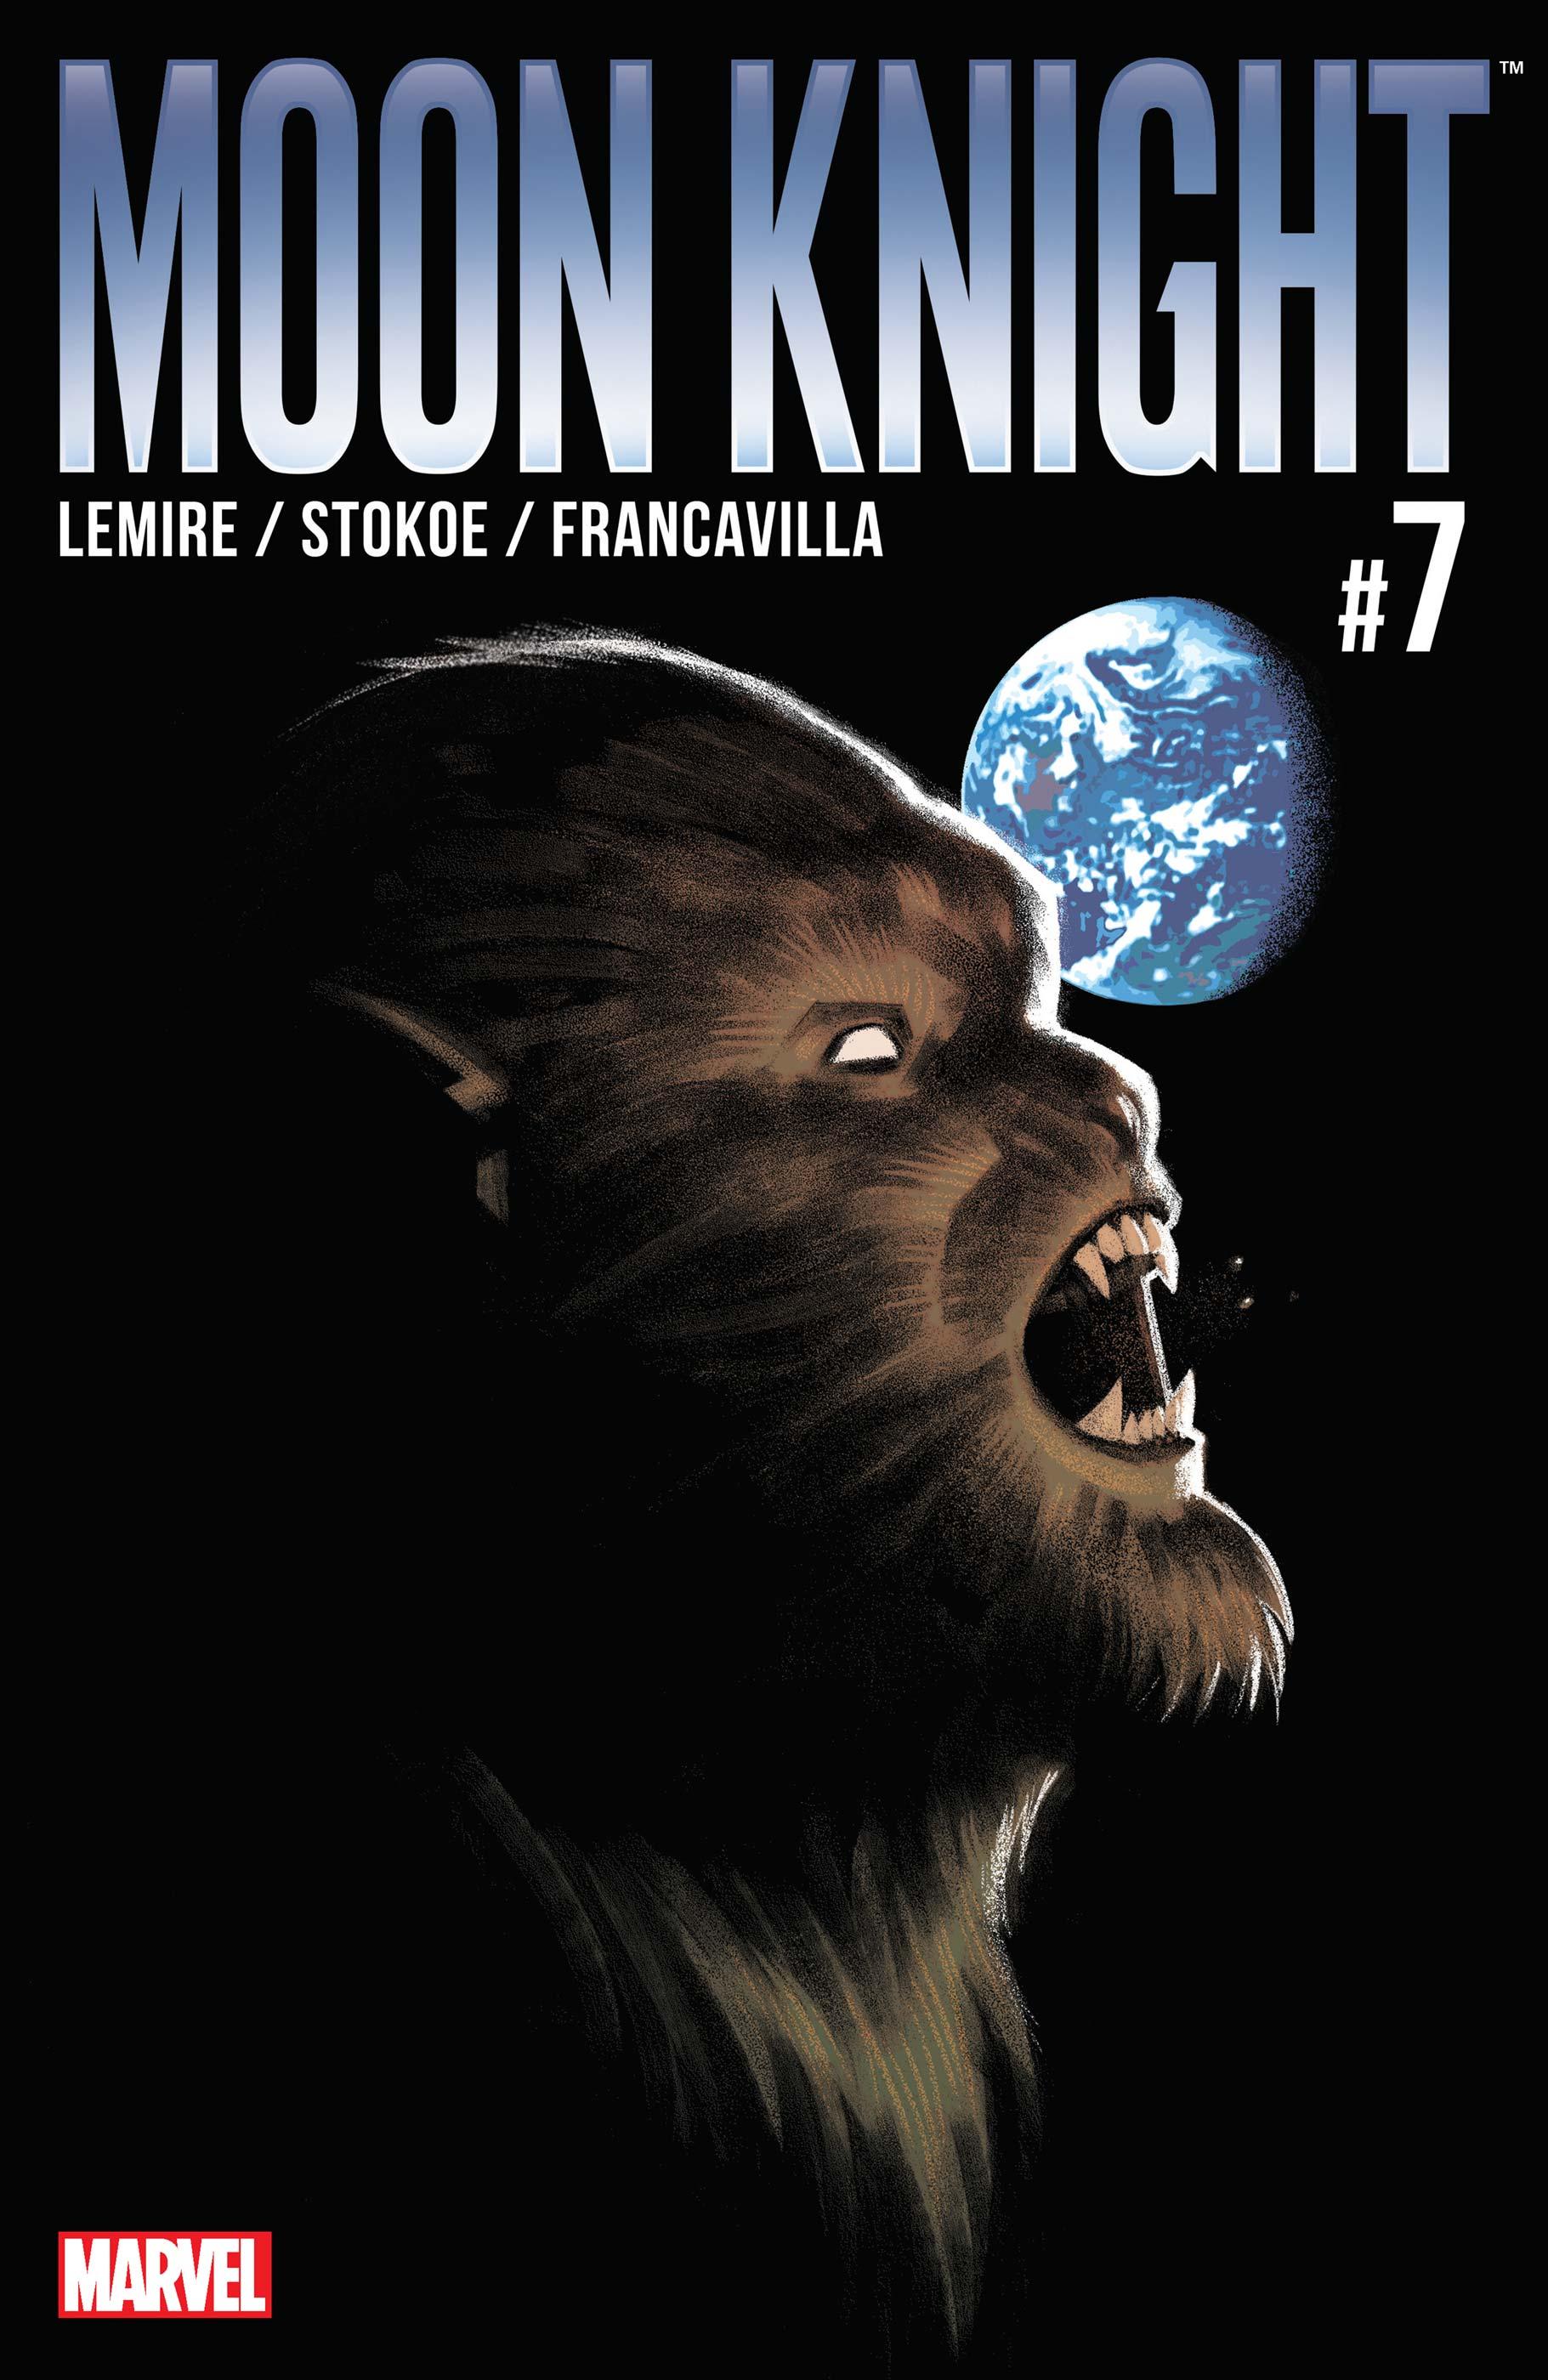 Moon Knight (2016) #7